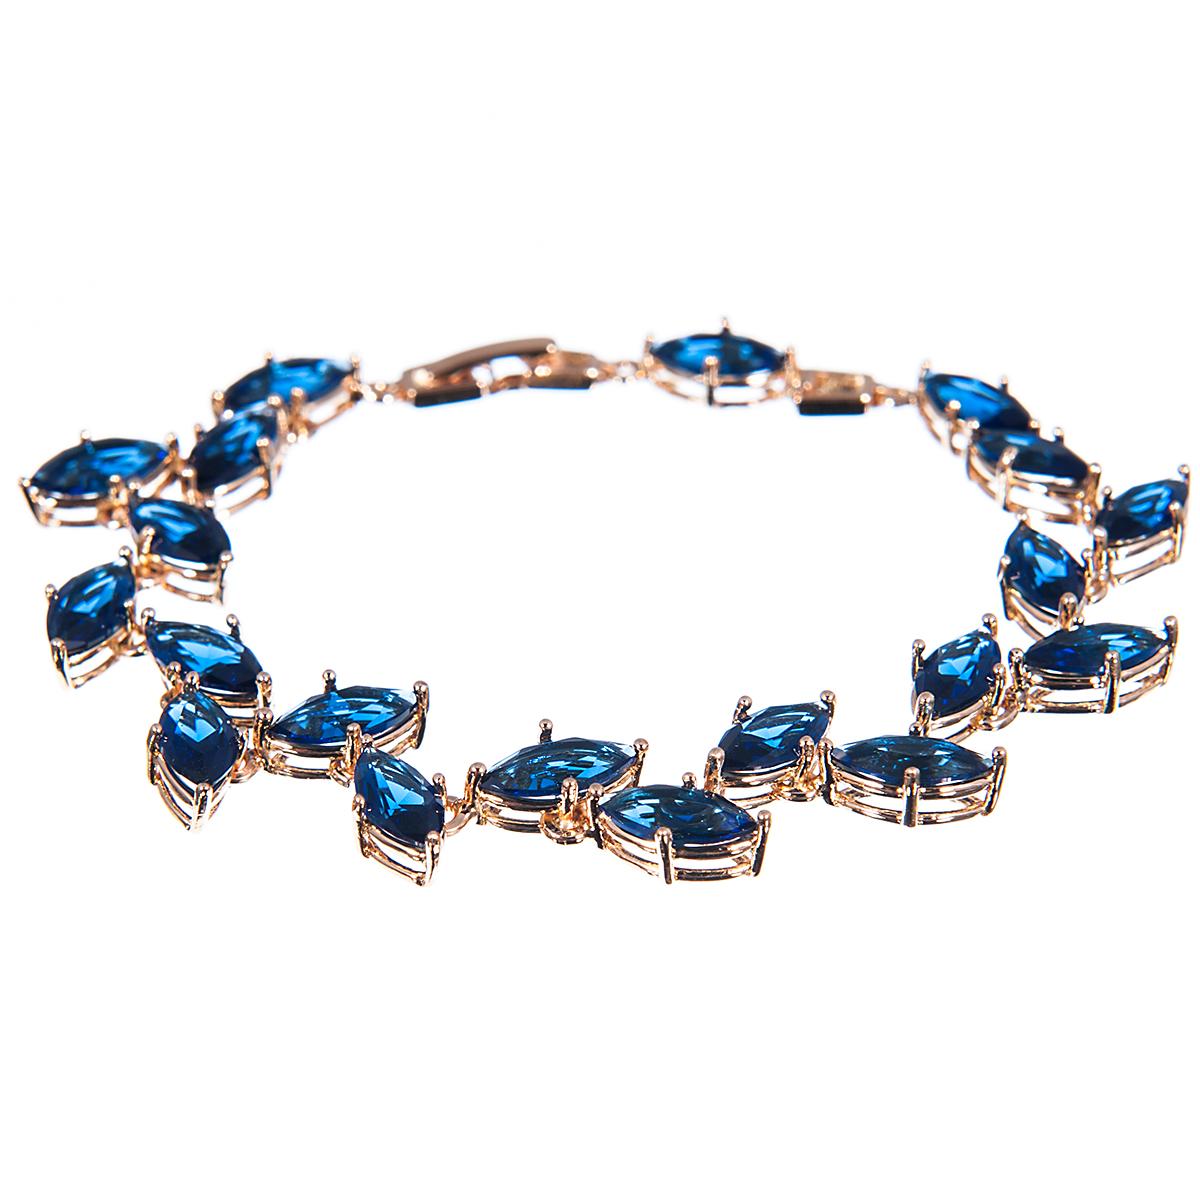 Браслет Selena, цвет: золотистый, синий. 40054300Глидерный браслетПрелестный браслет Selena изготовлен из металла с золотистым покрытием. Изделие украшено цирконами. Браслет застегивается при помощи замка-пряжки, благодаря которому браслет легко снимать и надевать. Стильный браслет блестяще подчеркнет ваш изысканный вкус и поможет внести разнообразие в привычный образ.Длина браслета 17-20 см, ширина 0,5 см.